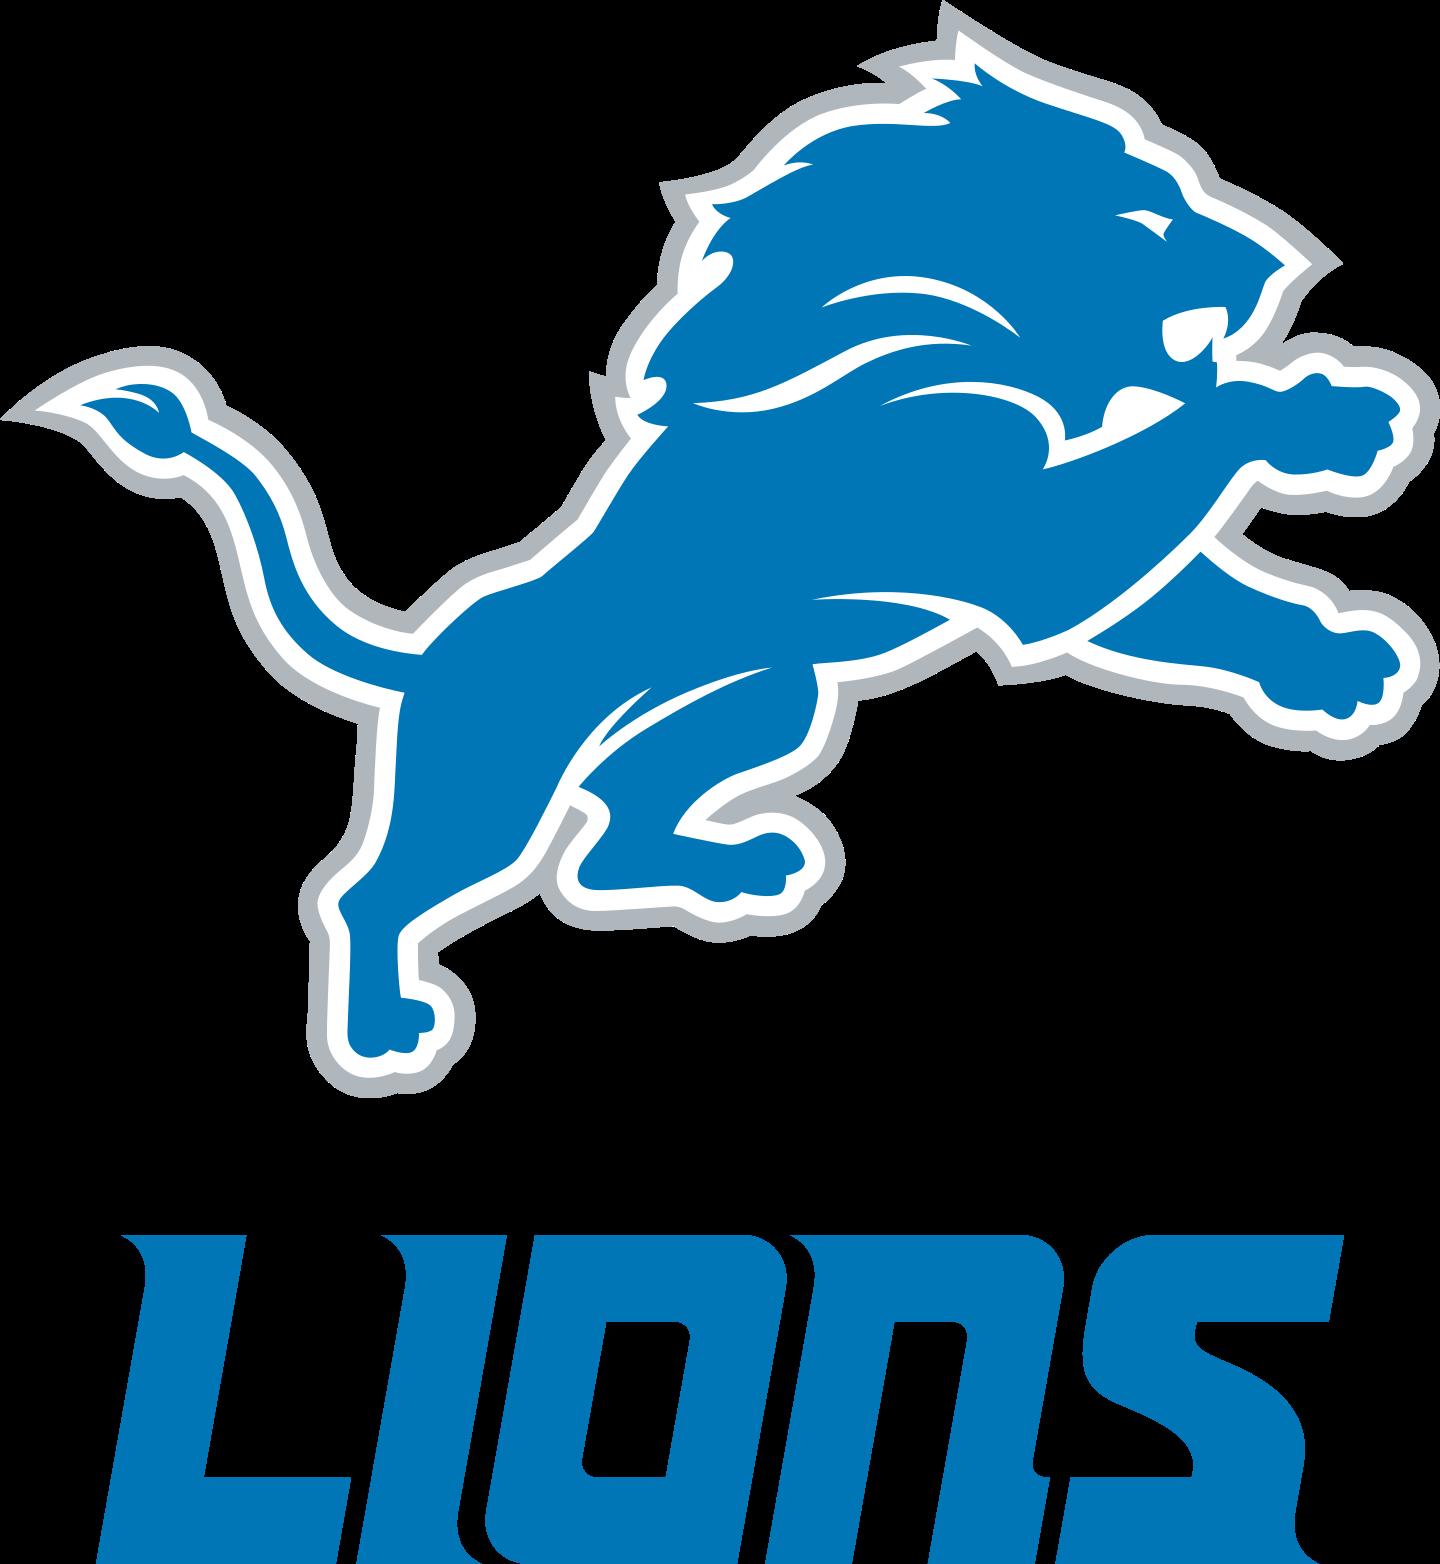 detroit lions logo 2 - Detroit Lions Logo